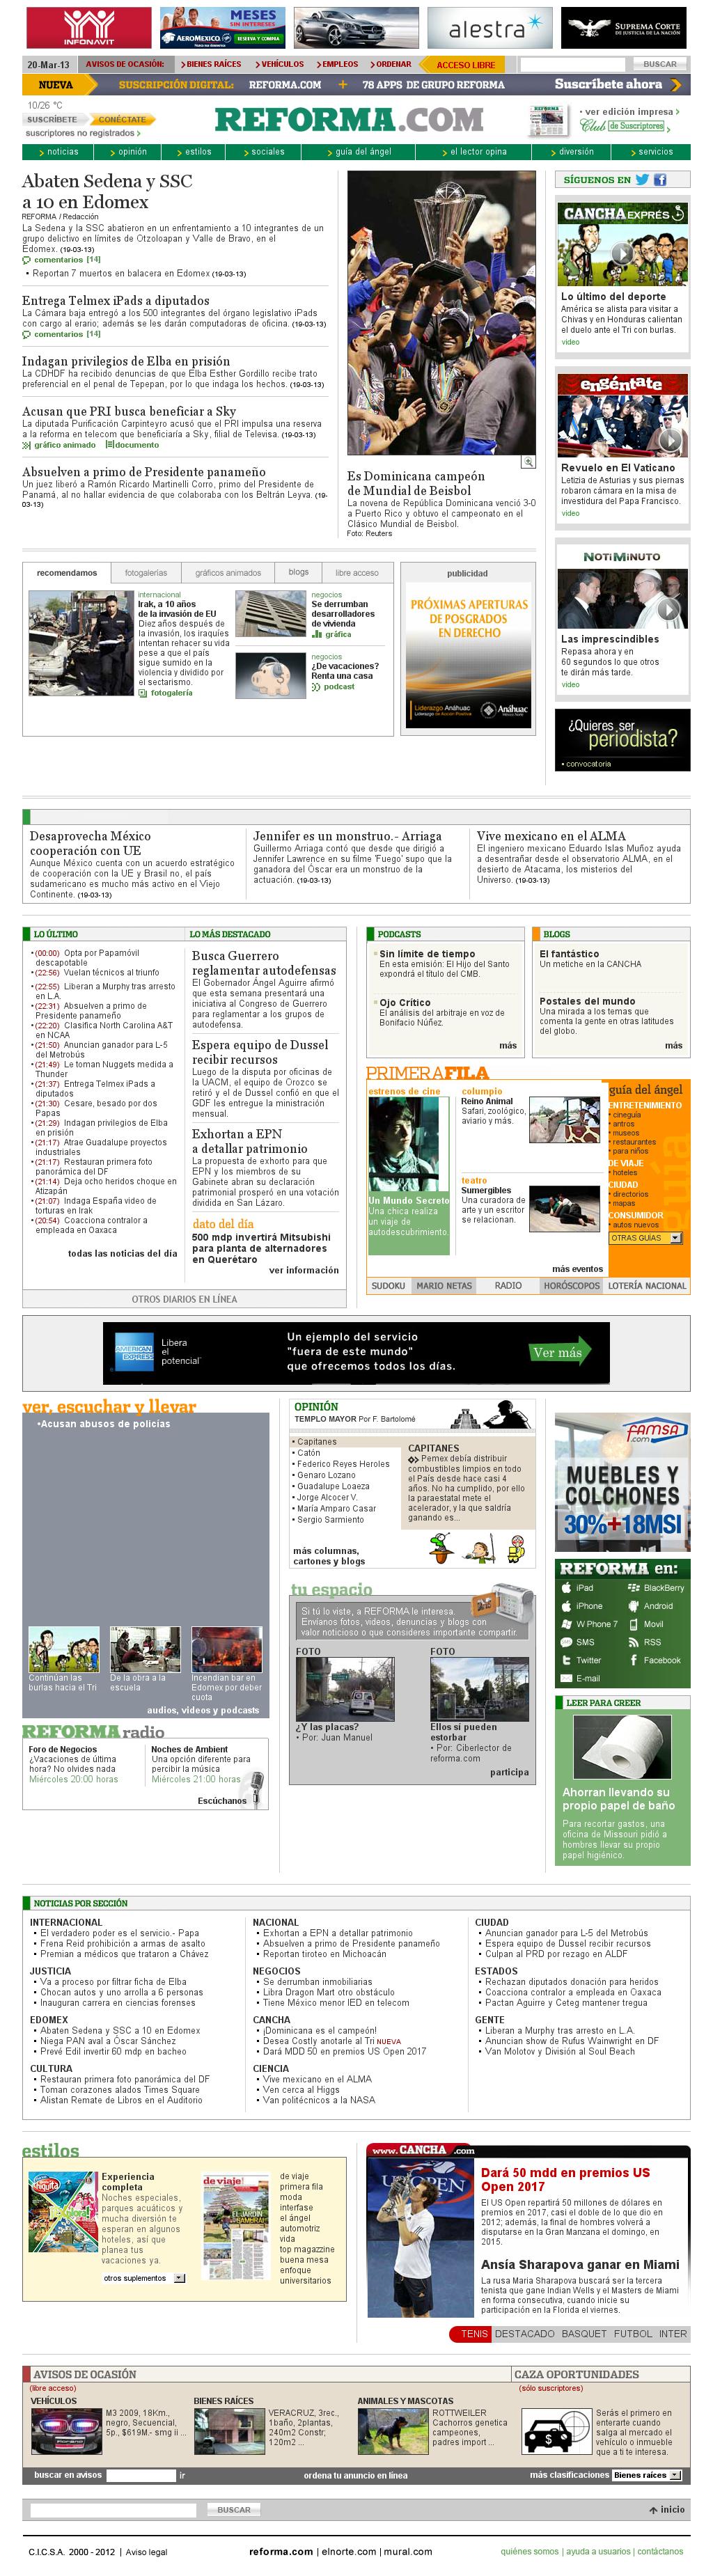 Reforma.com at Wednesday March 20, 2013, 7:22 a.m. UTC